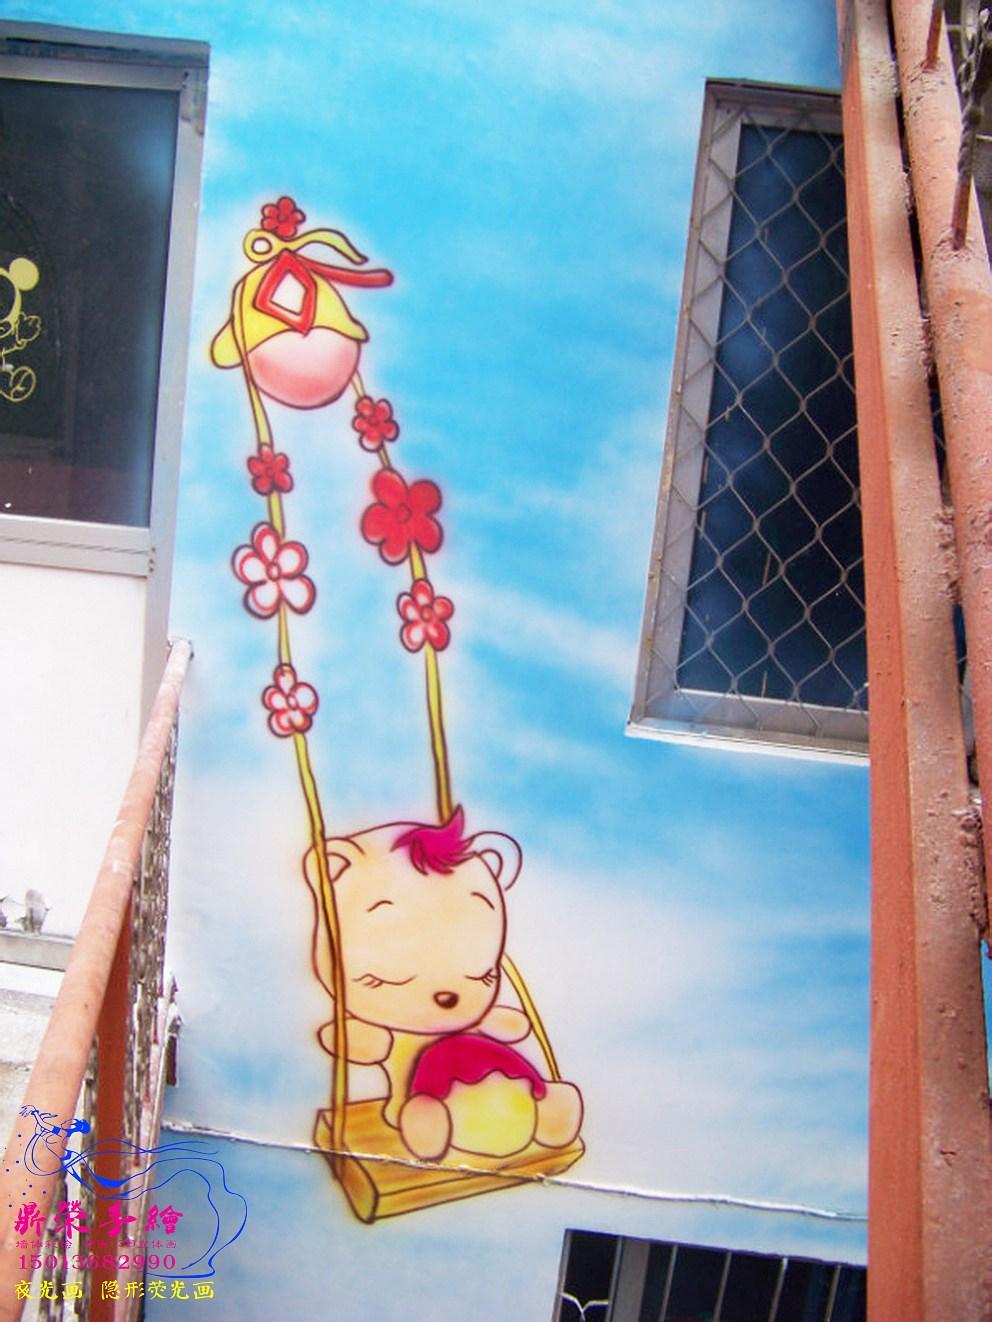 成龙幼儿园 (7).jpg